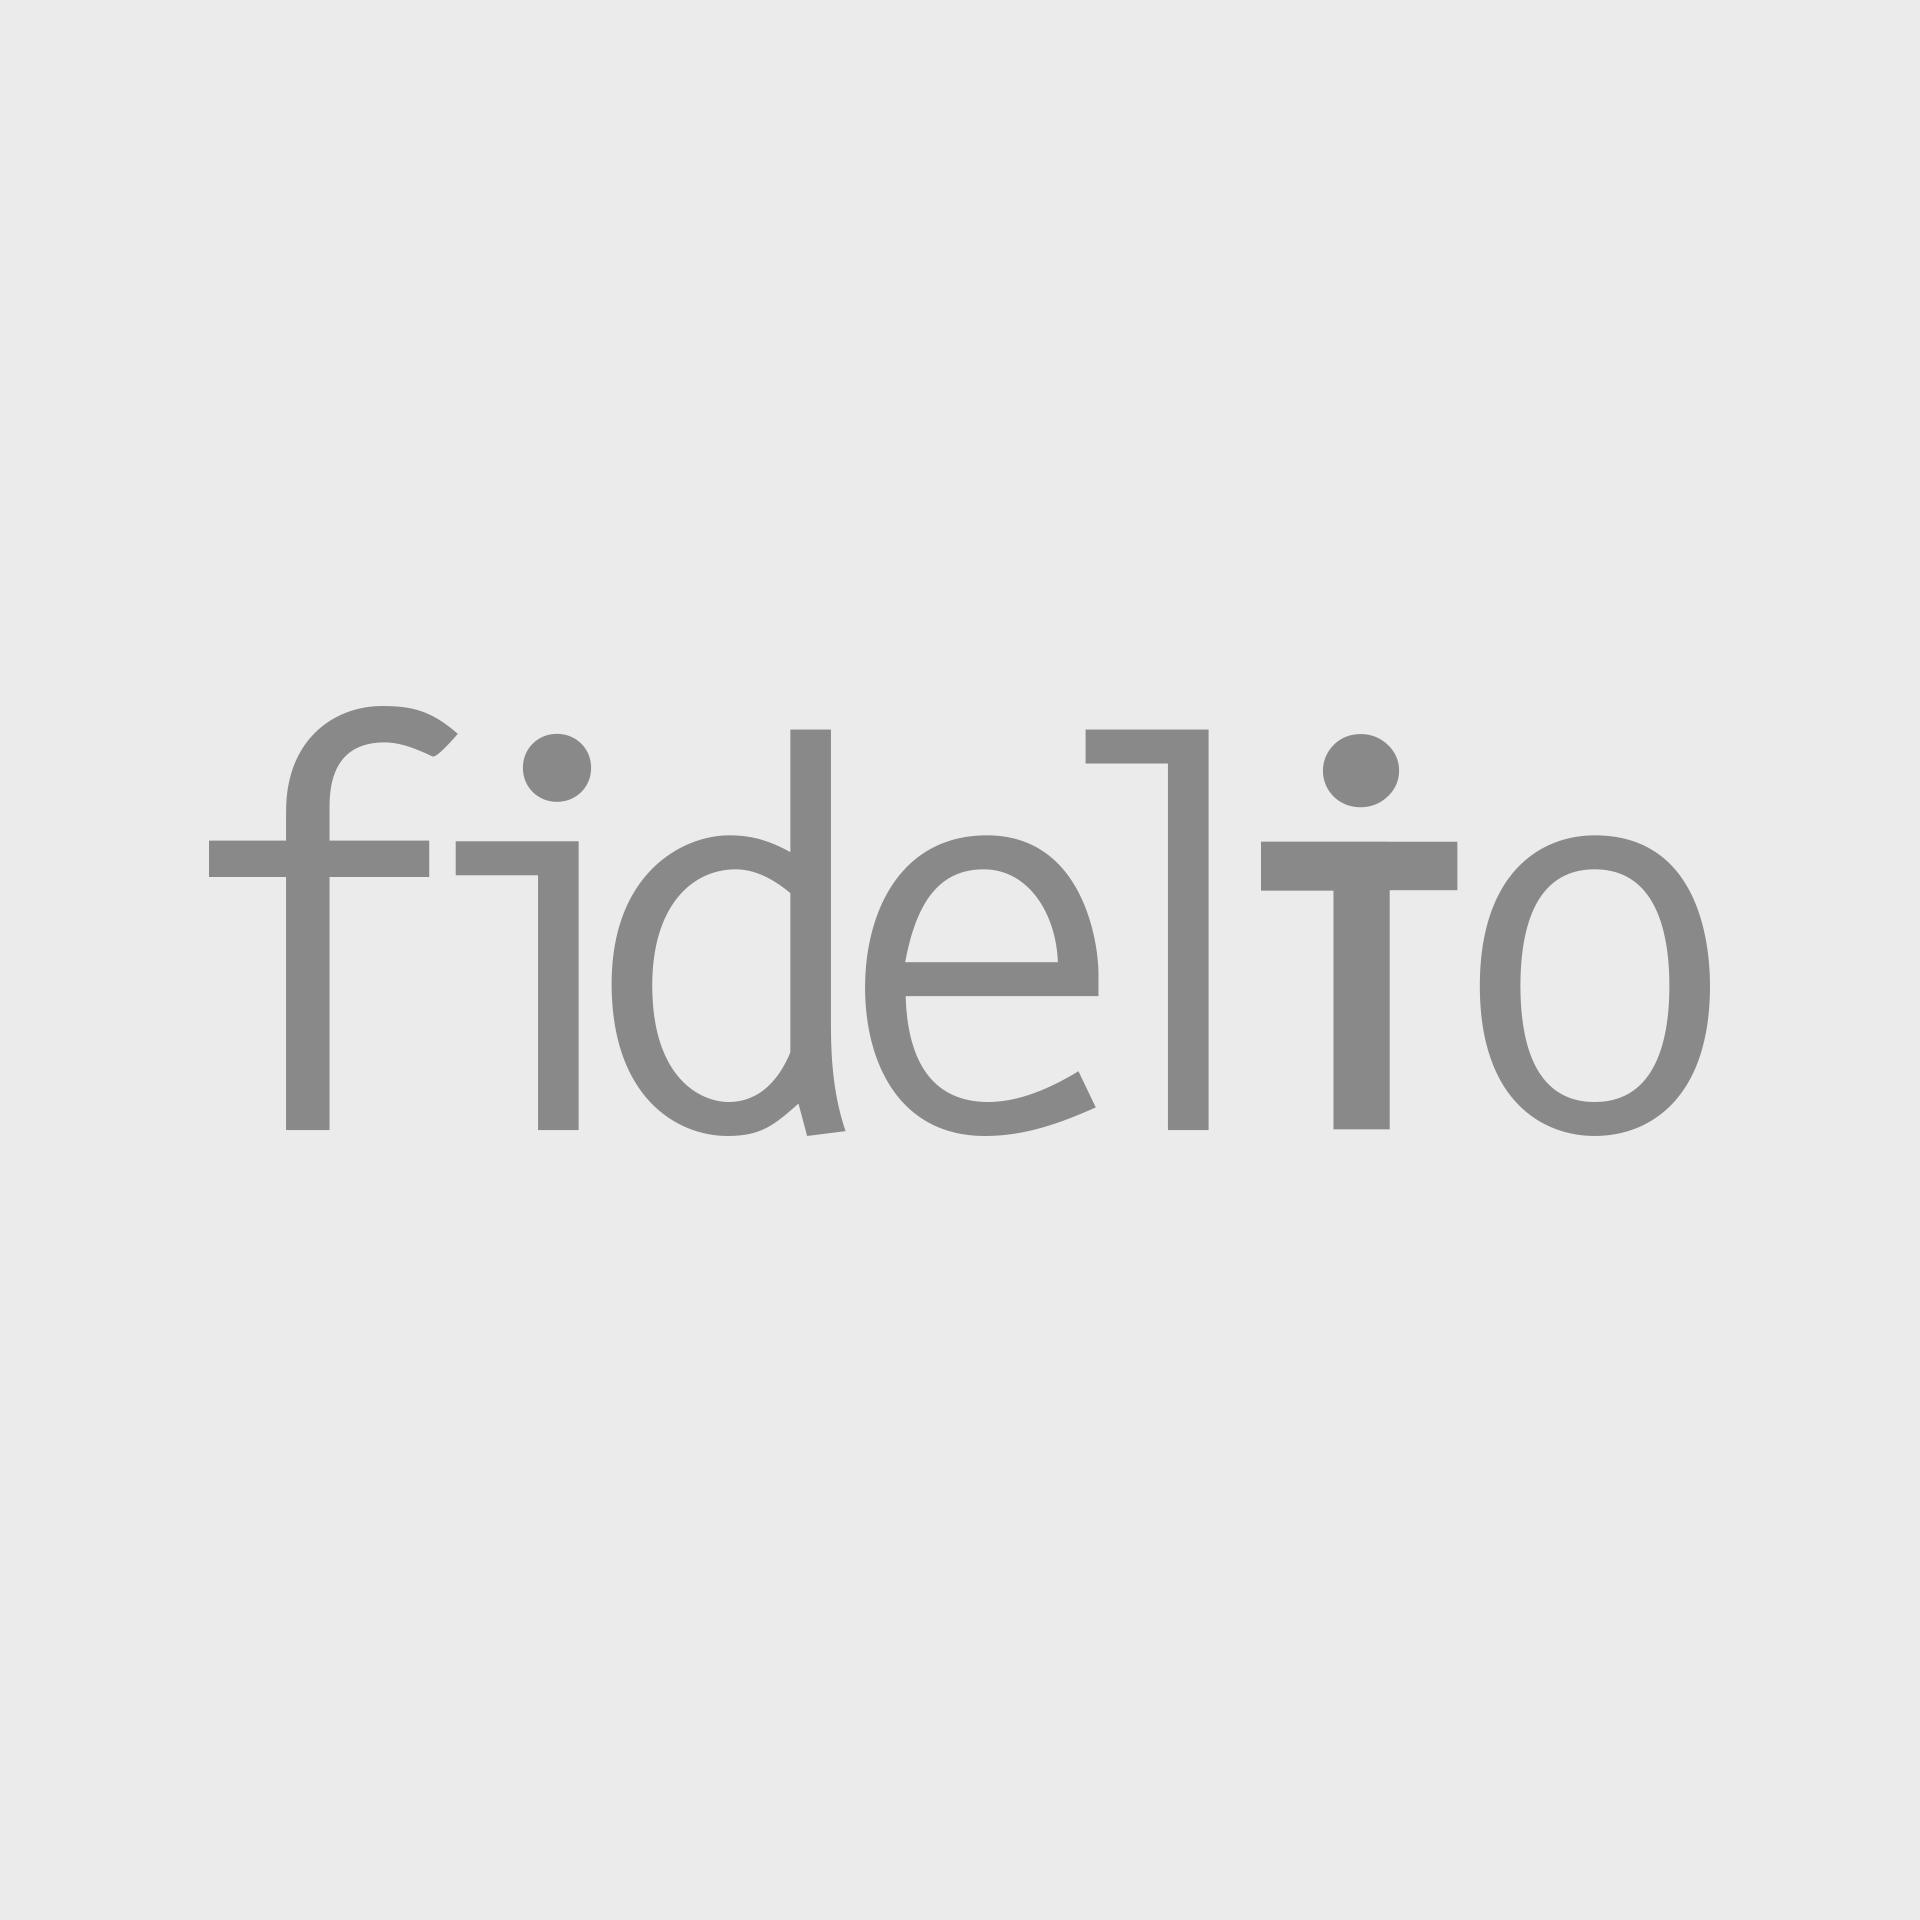 Peter Farago Ingela Klemetz Farago 05 2